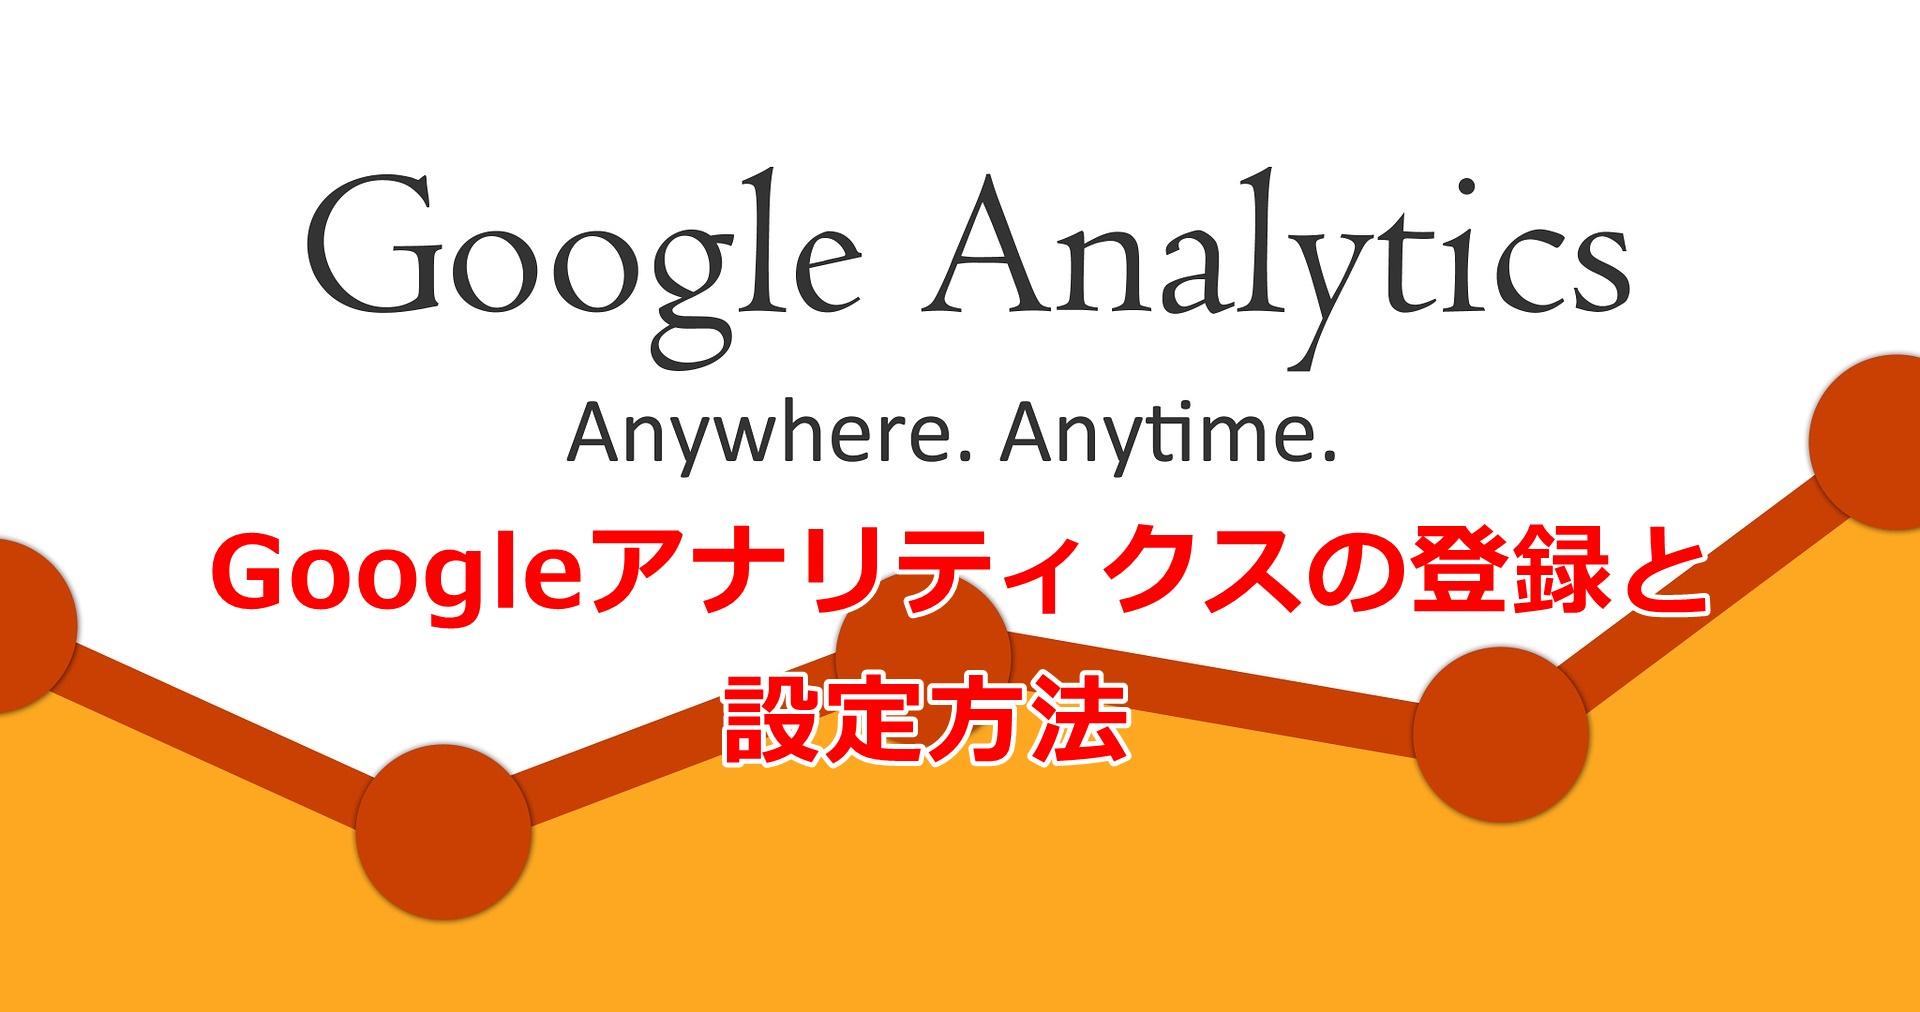 googleアナリティクスの登録と設定方法